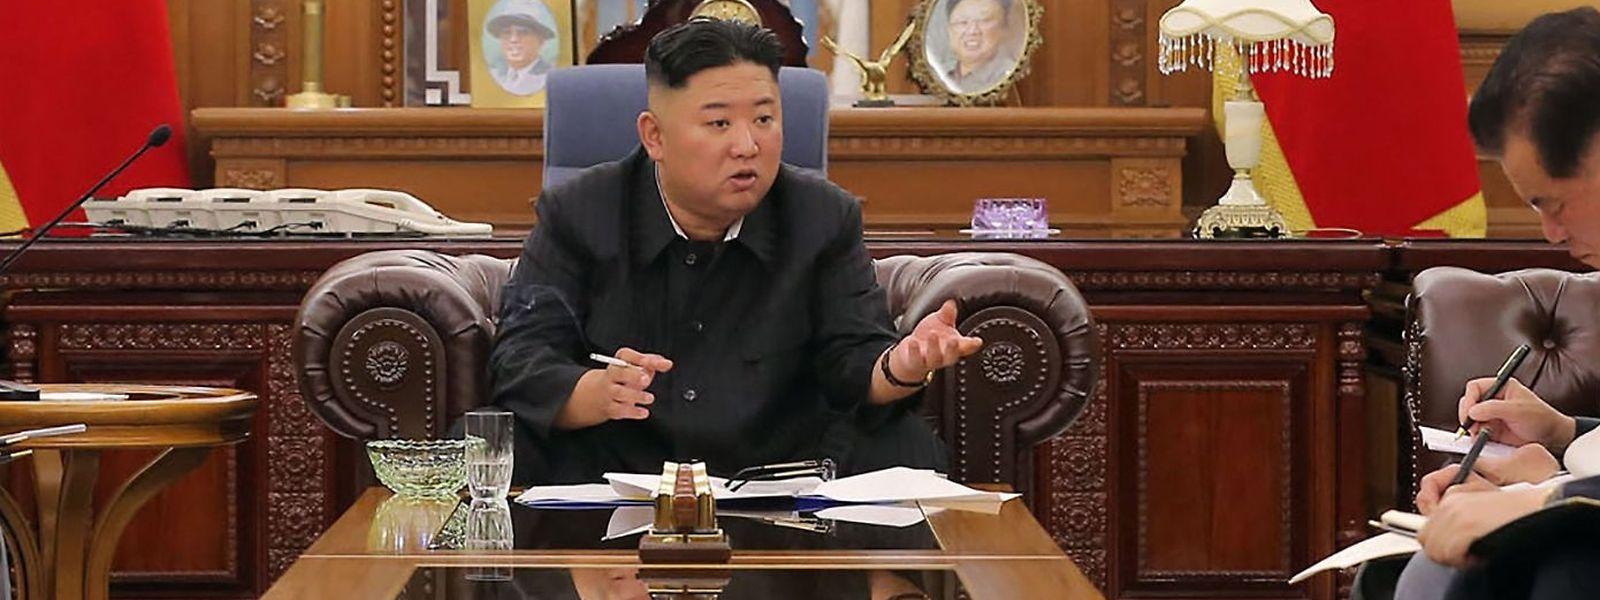 Kim Jong Un im Juni 2021: Er wirkt schlanker, raucht aber noch.